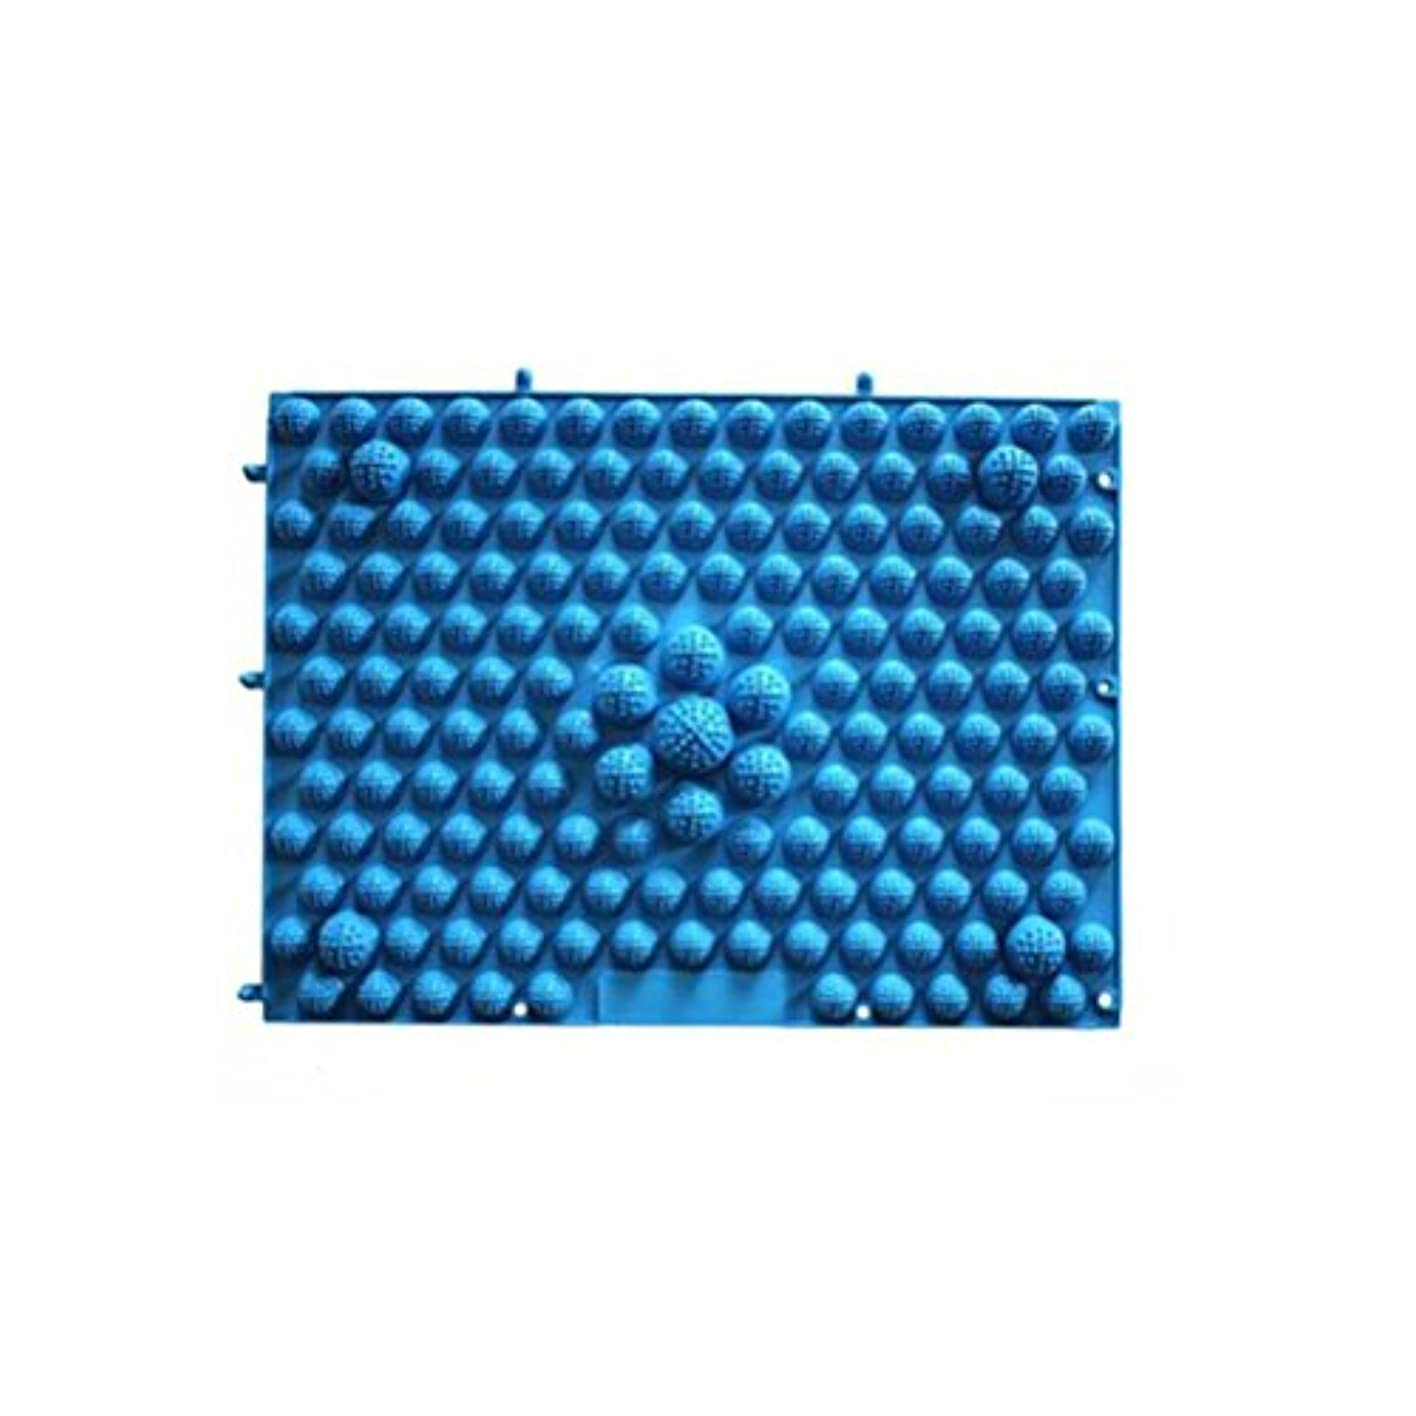 たらいエージェント膨らみROSENICE 足マッサージマット 血液循環指圧マットフィートヘルスケアマッサージプレート(ブルー)